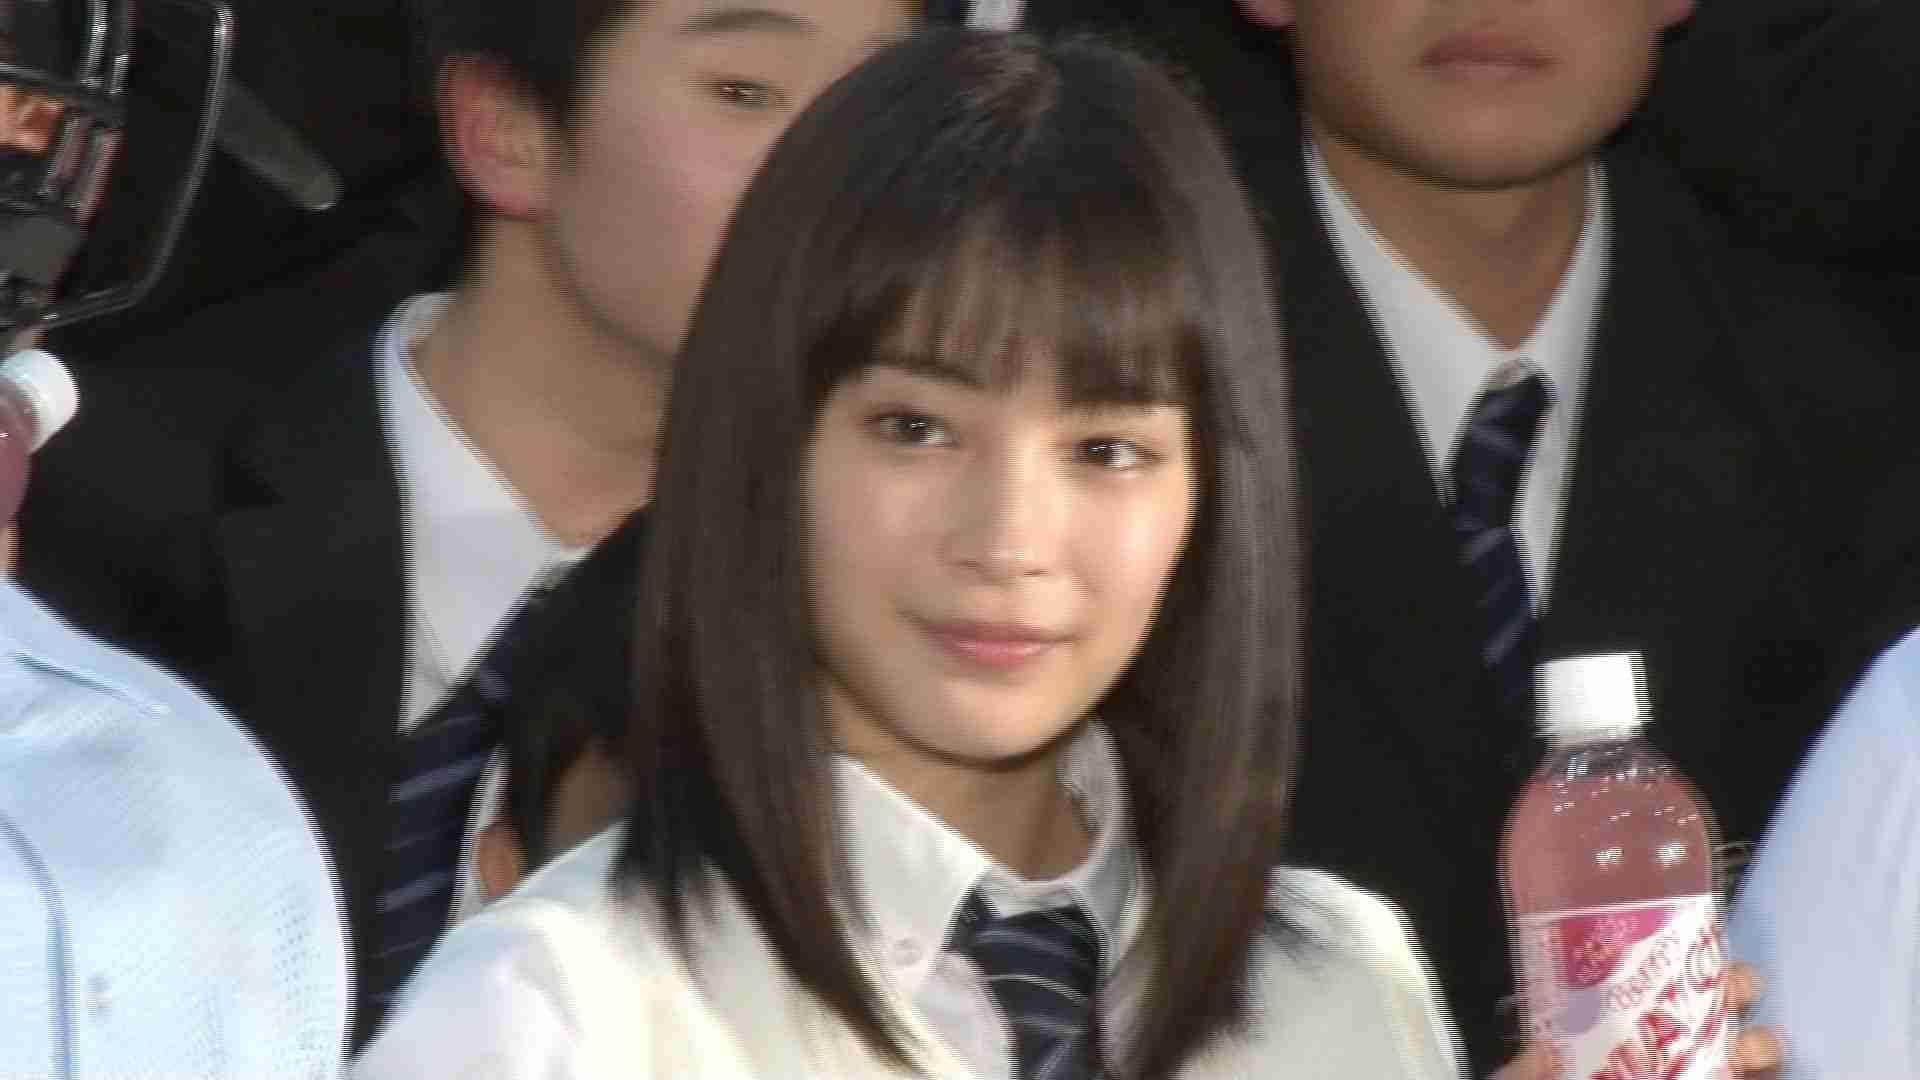 広瀬すずのサプライズ登場に高校生大興奮 炭酸飲料『MATCH』新CM発表会 - YouTube